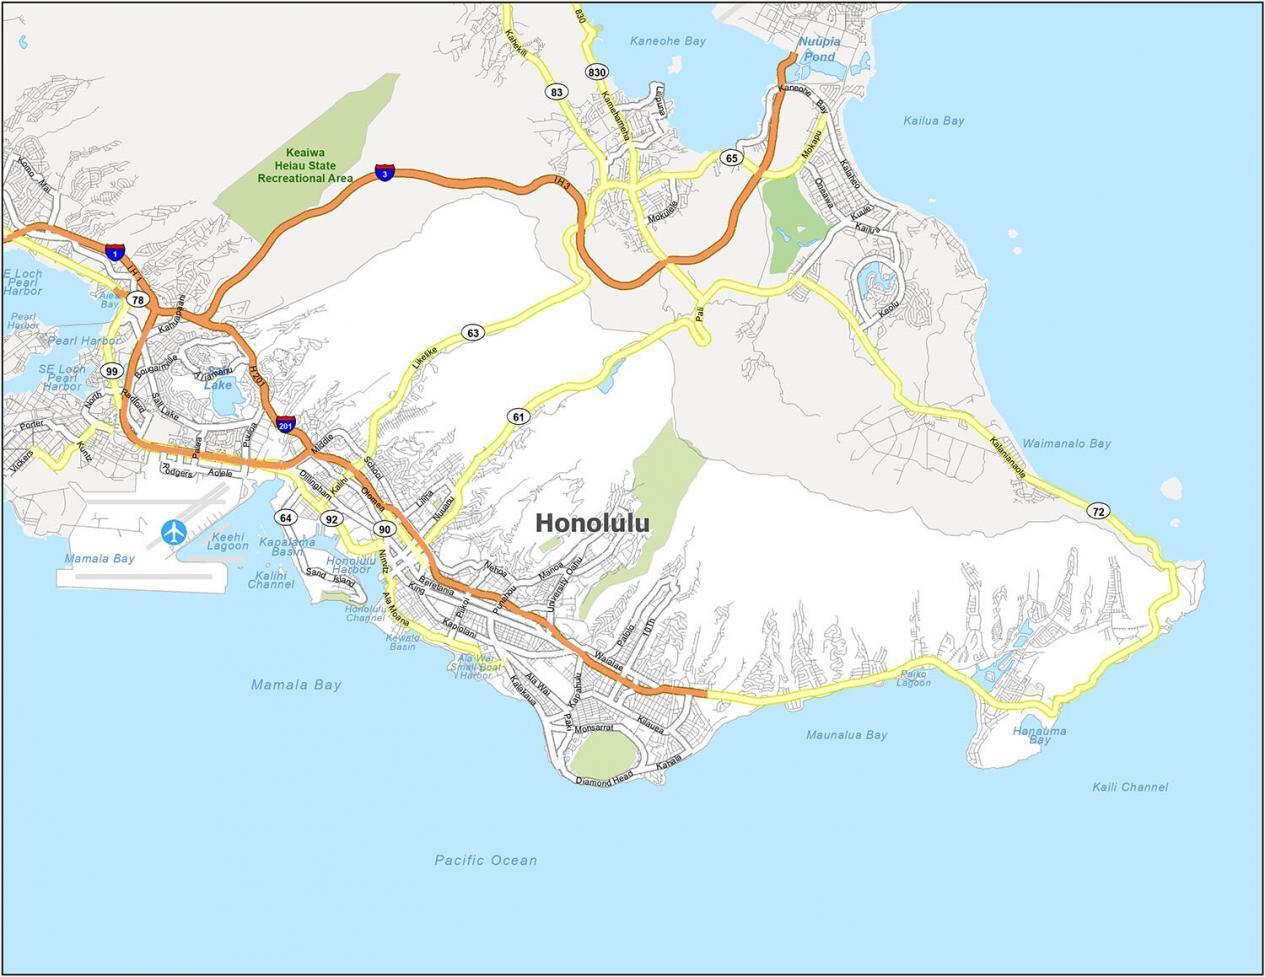 Honolulu Road Map